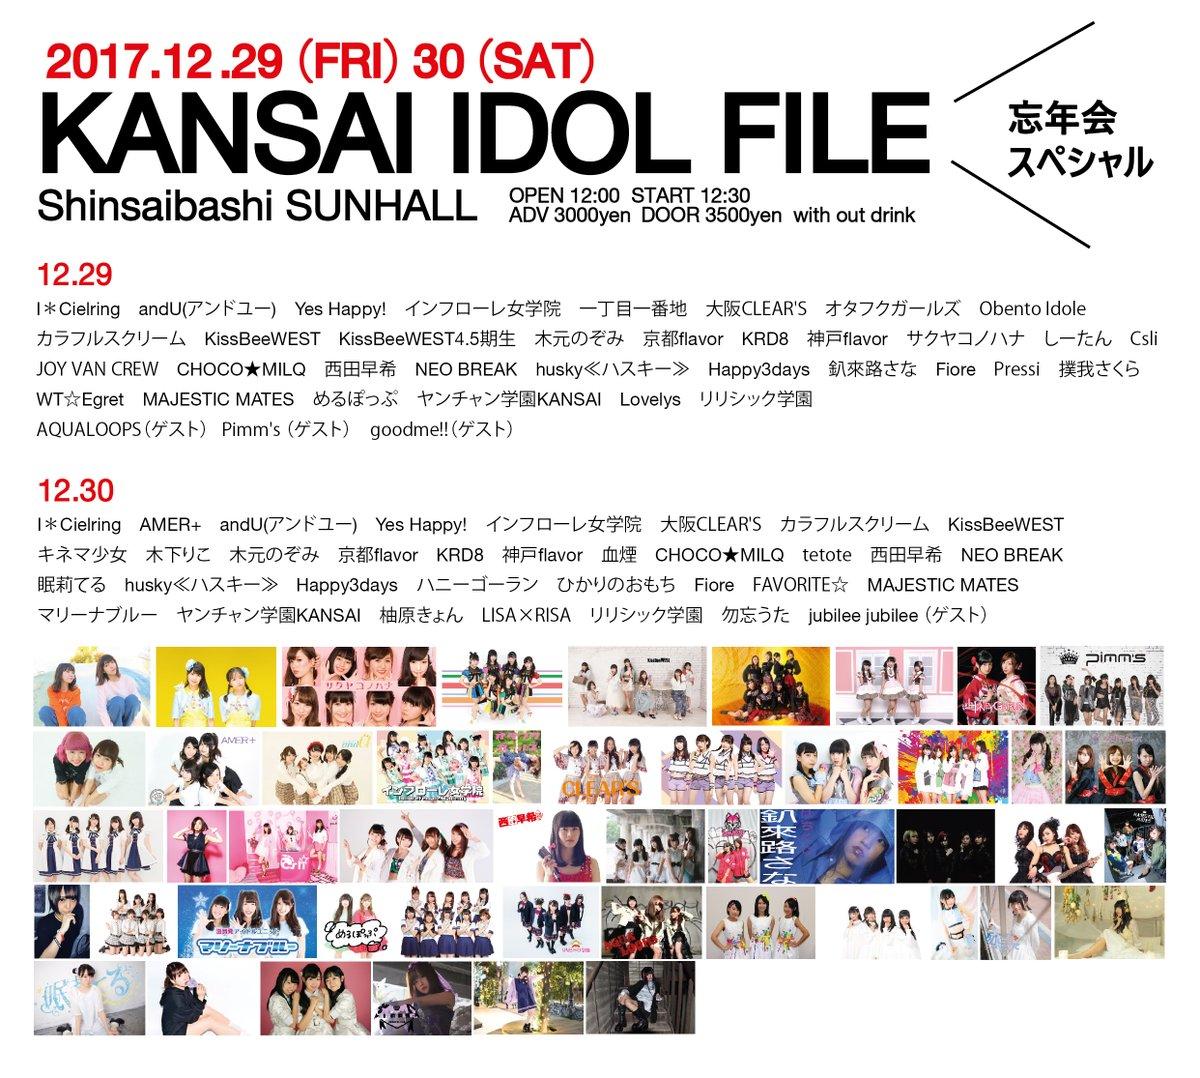 KANSAI IDOL FILE 忘年会スペシャル DAY.1